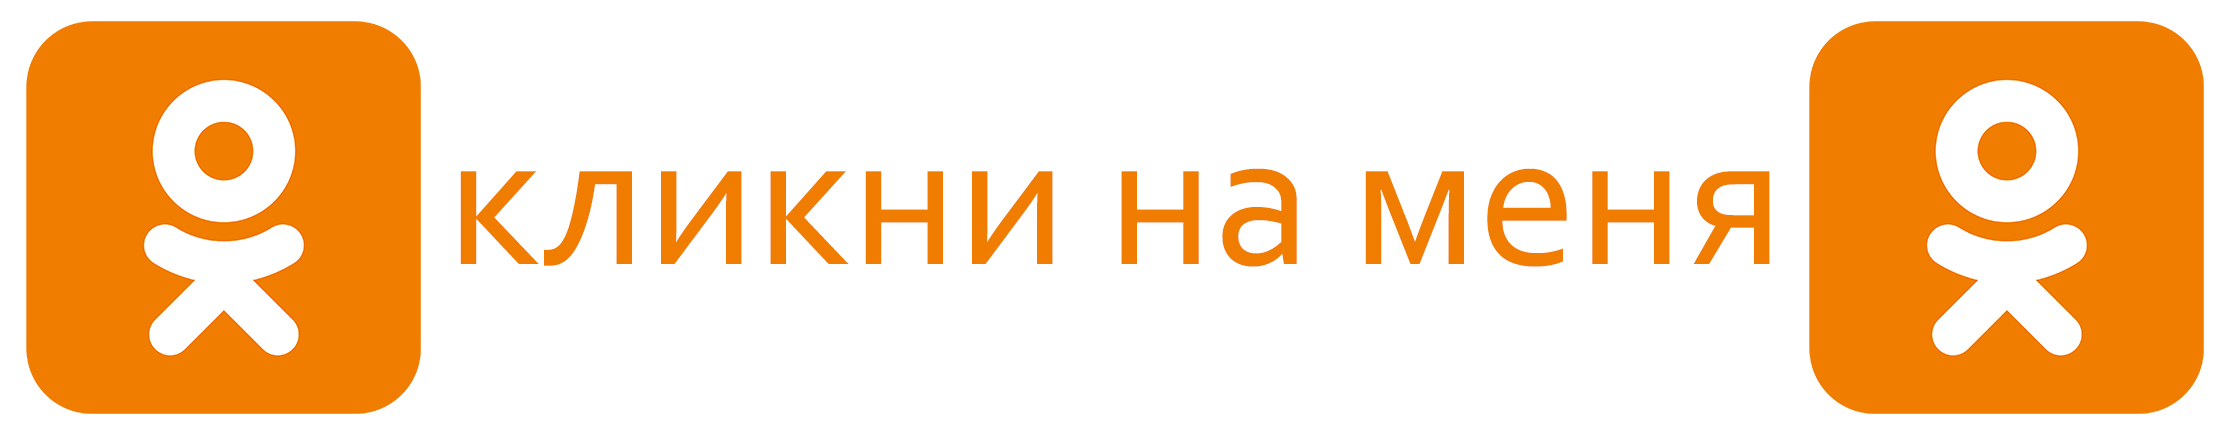 Подписаться на Одноклассниках